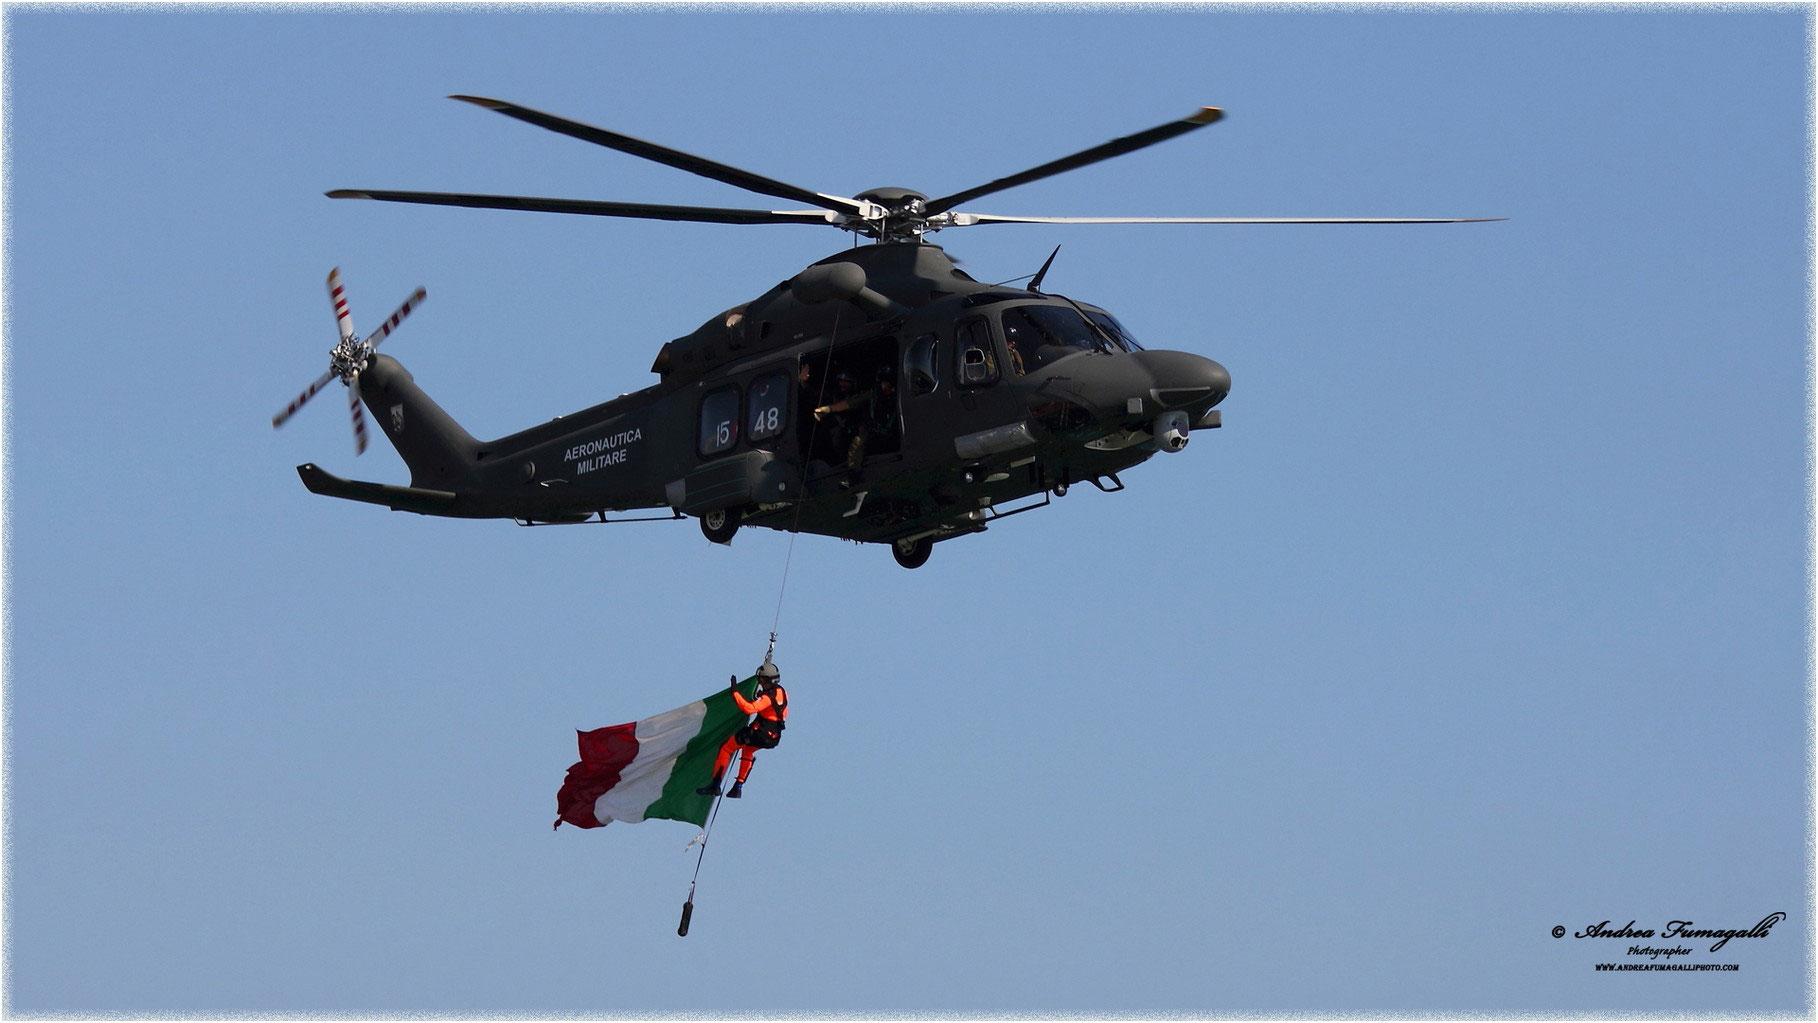 Elicottero 139 : Hh 139 aeronautica militare la fotografia di andrea fumagalli